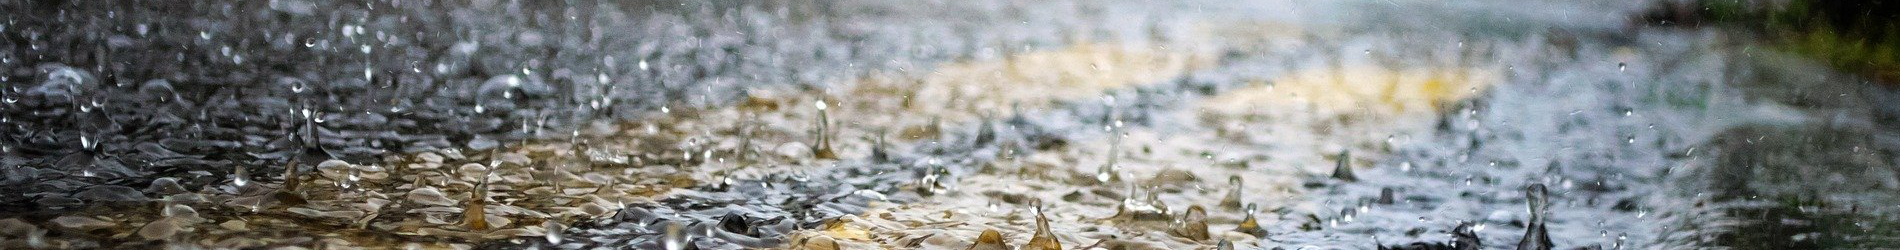 Hydrogéologie eaux pluviales